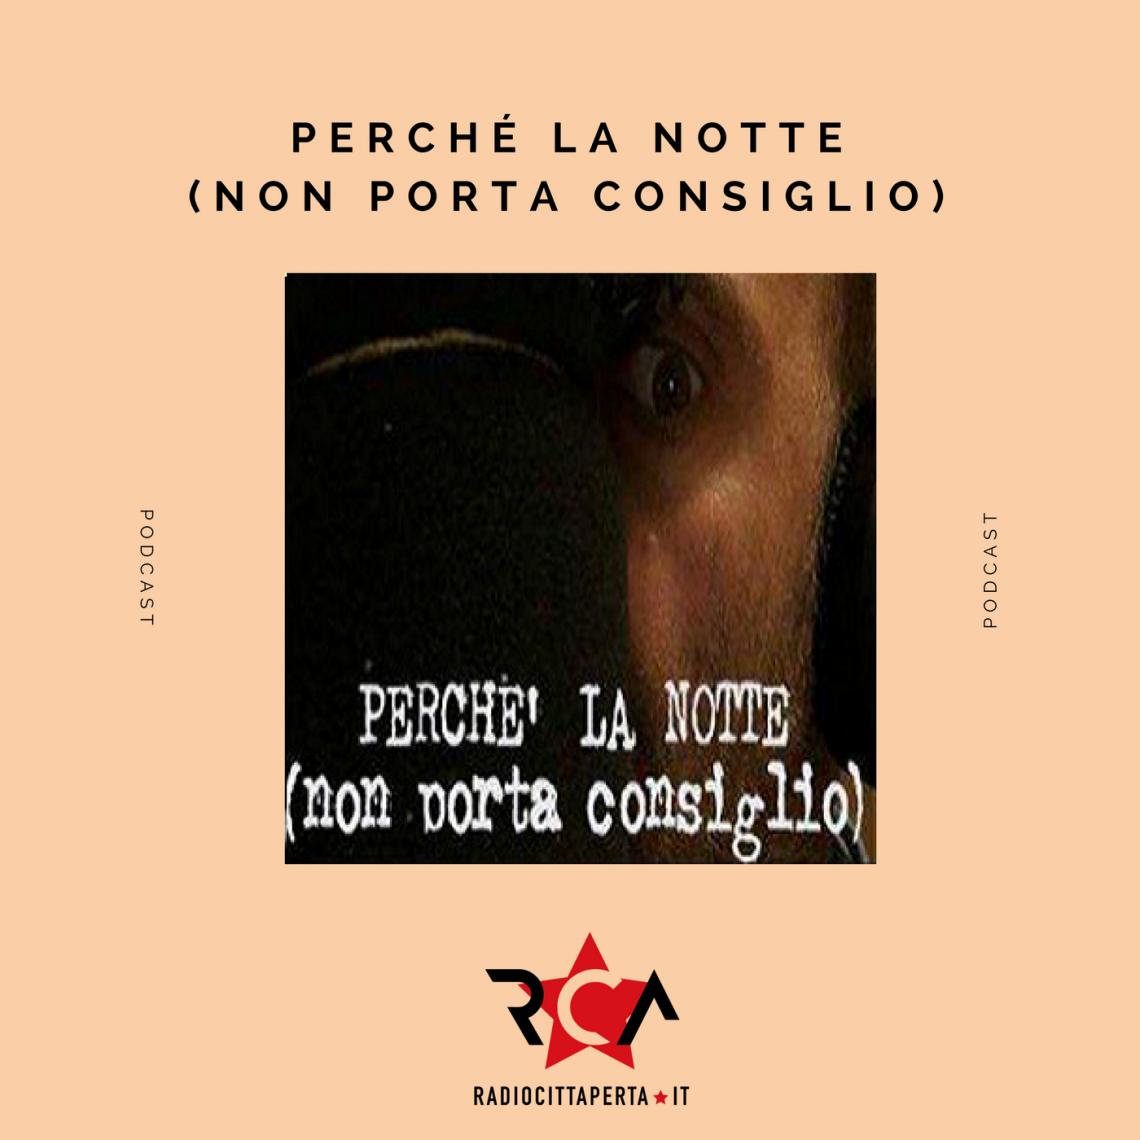 PERCHE' LA NOTTE (NON PORTA CONSIGLIO) con MARCO BOSCO del 18-10-2018